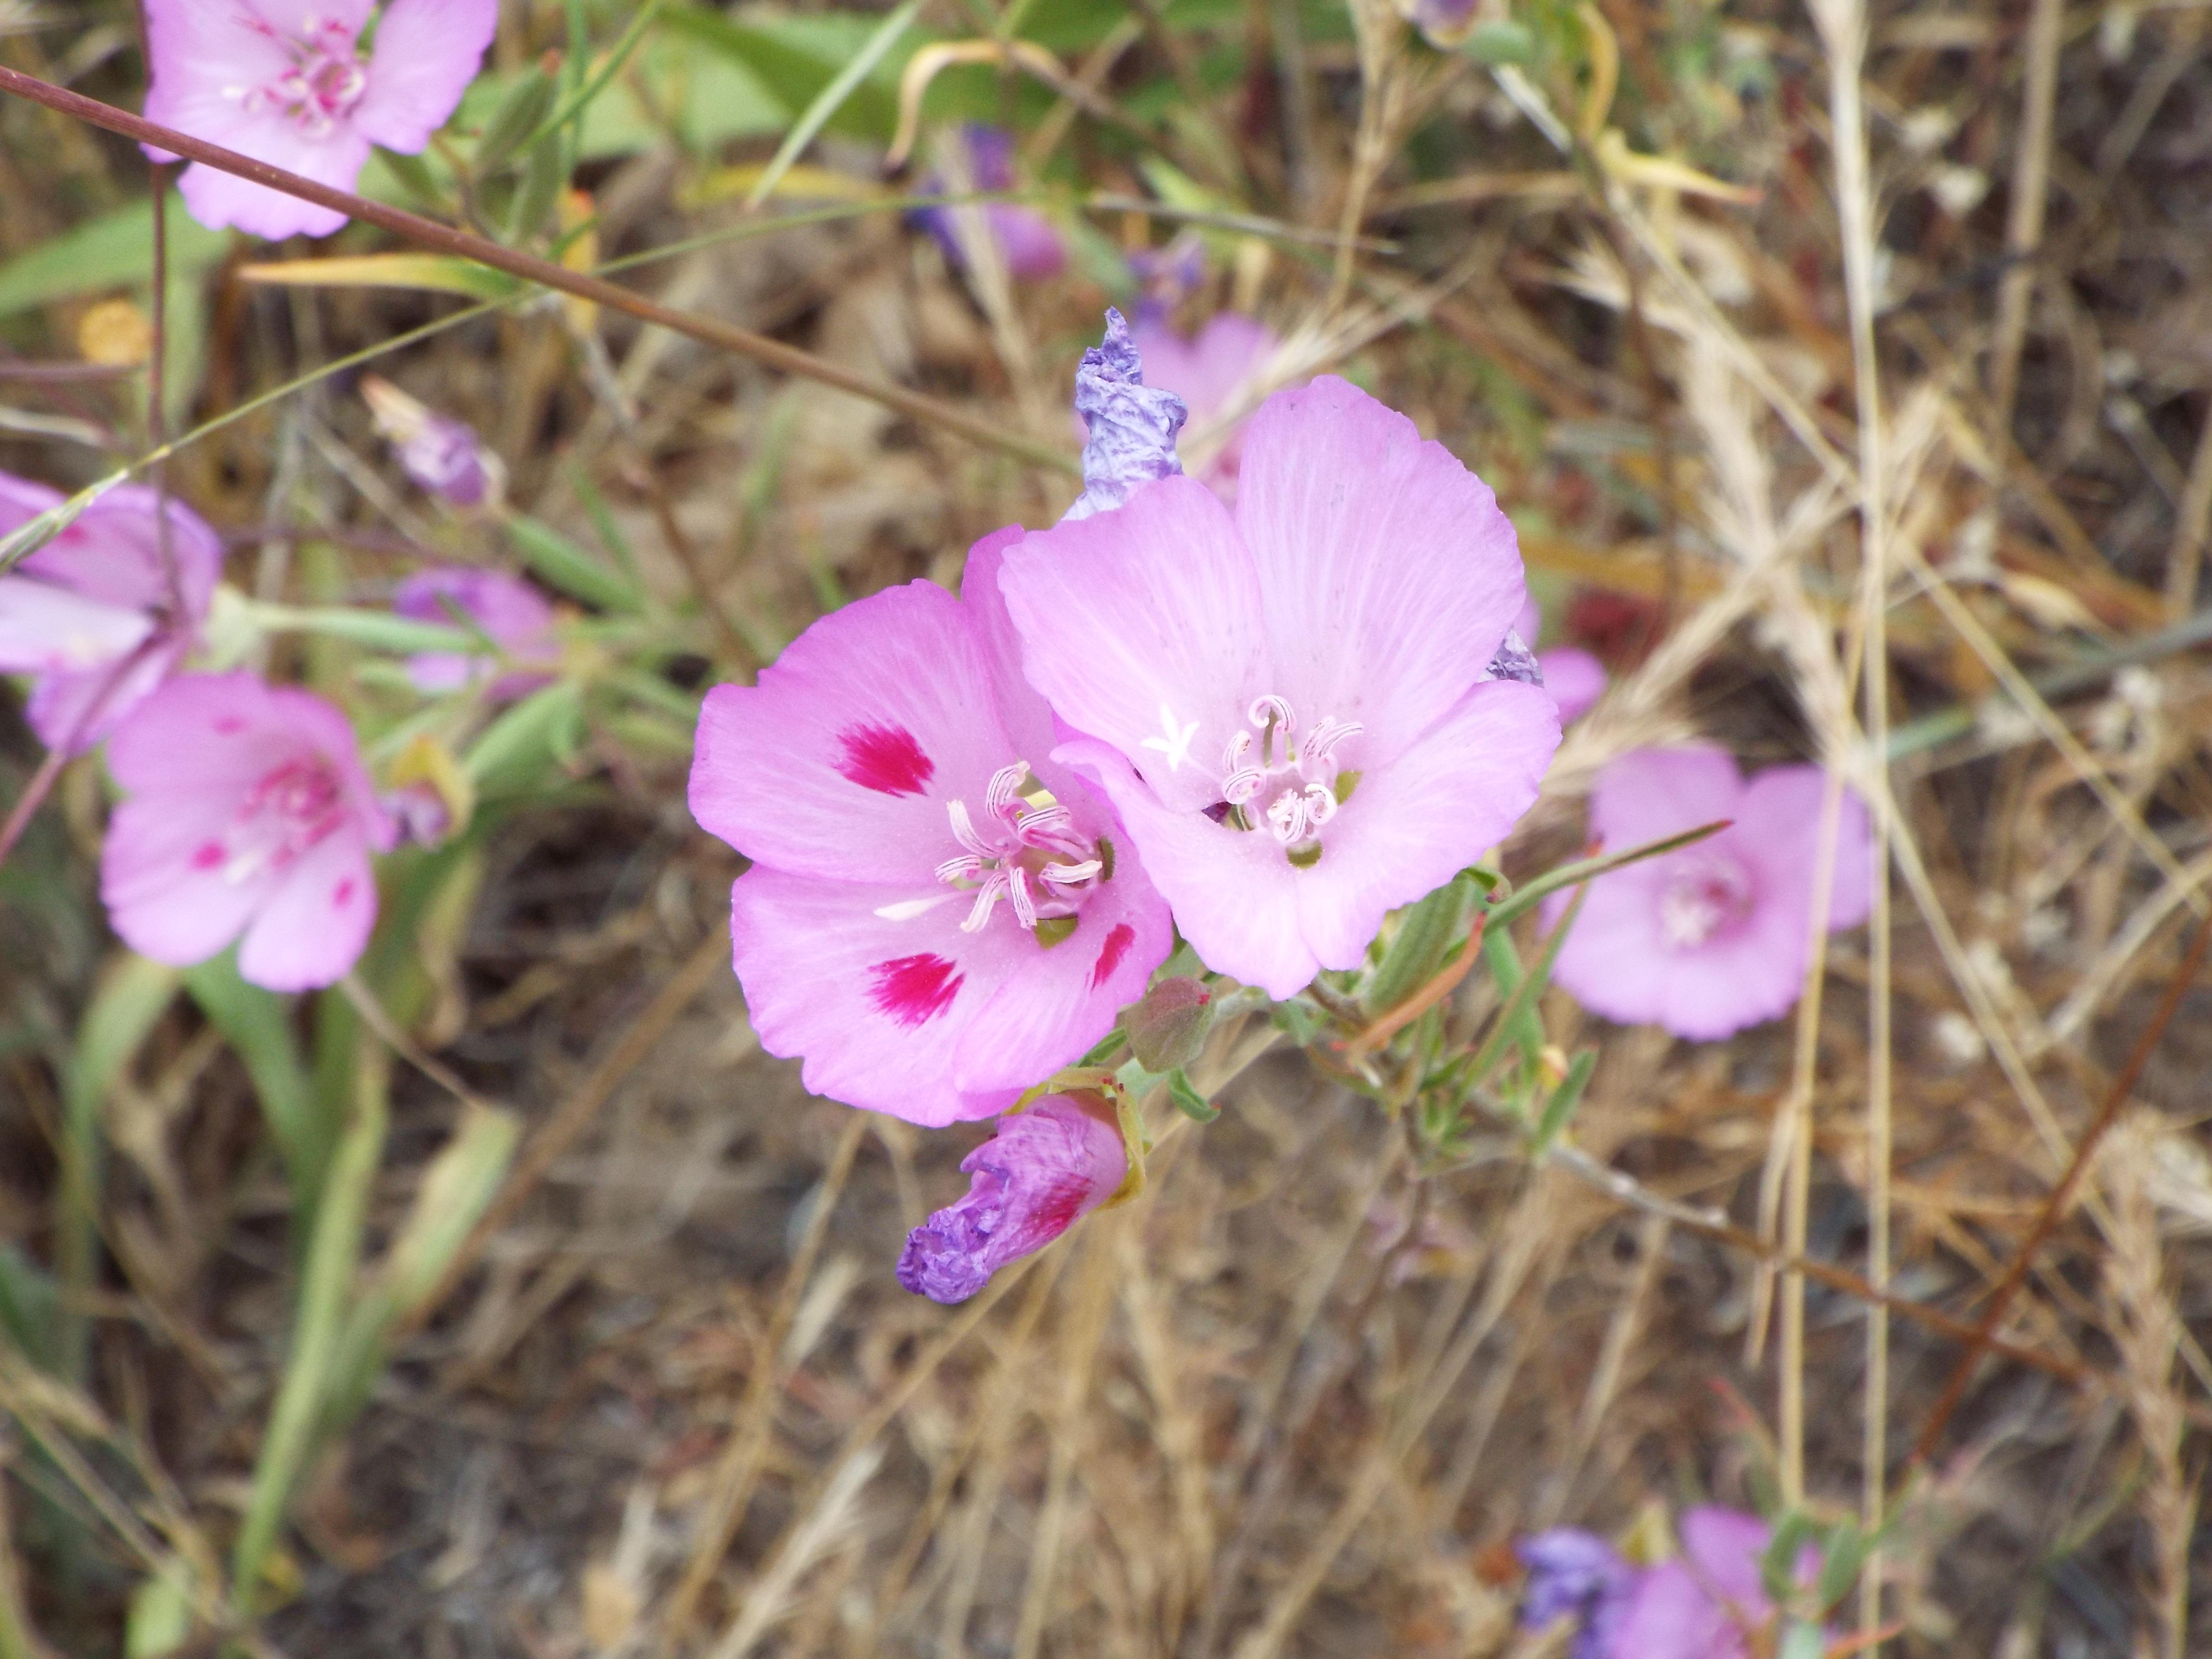 Wildflower found at Baskett Slough Wildlife refuge in the Willamette Valley